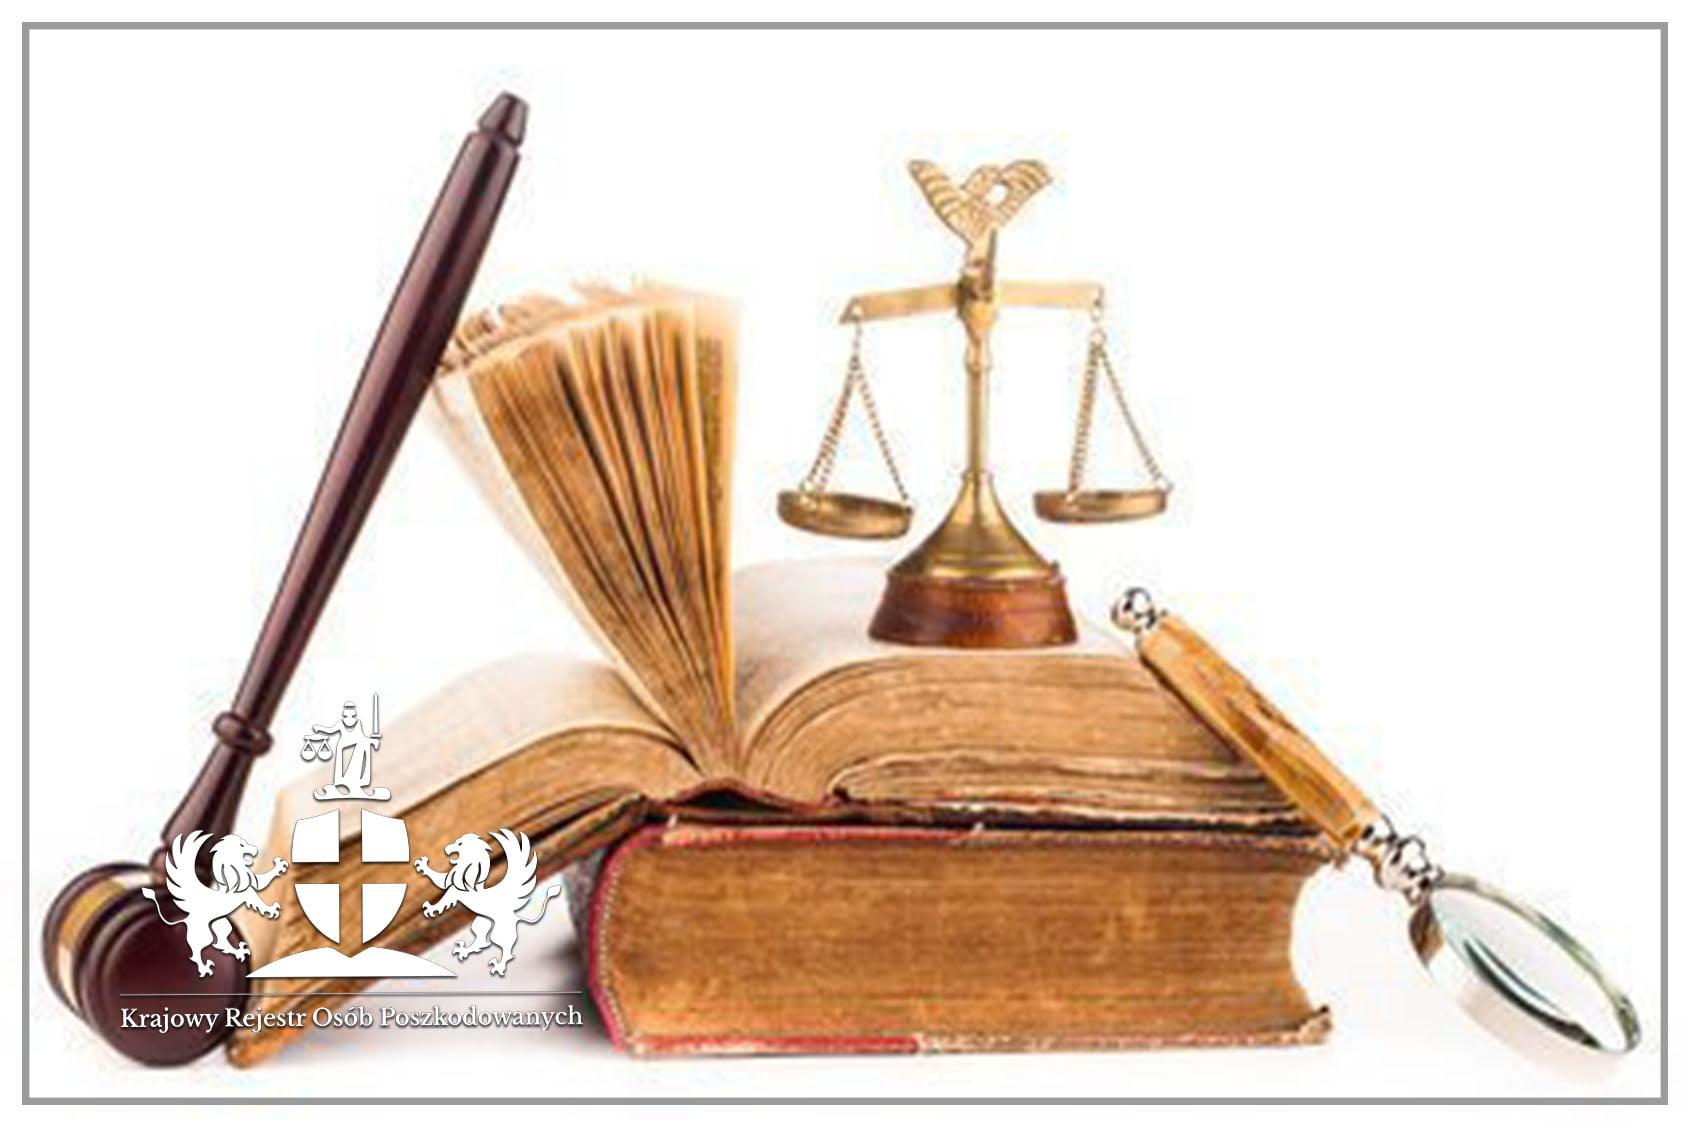 Kwoty zasądzane przez Sądy w sprawach o błąd medyczny